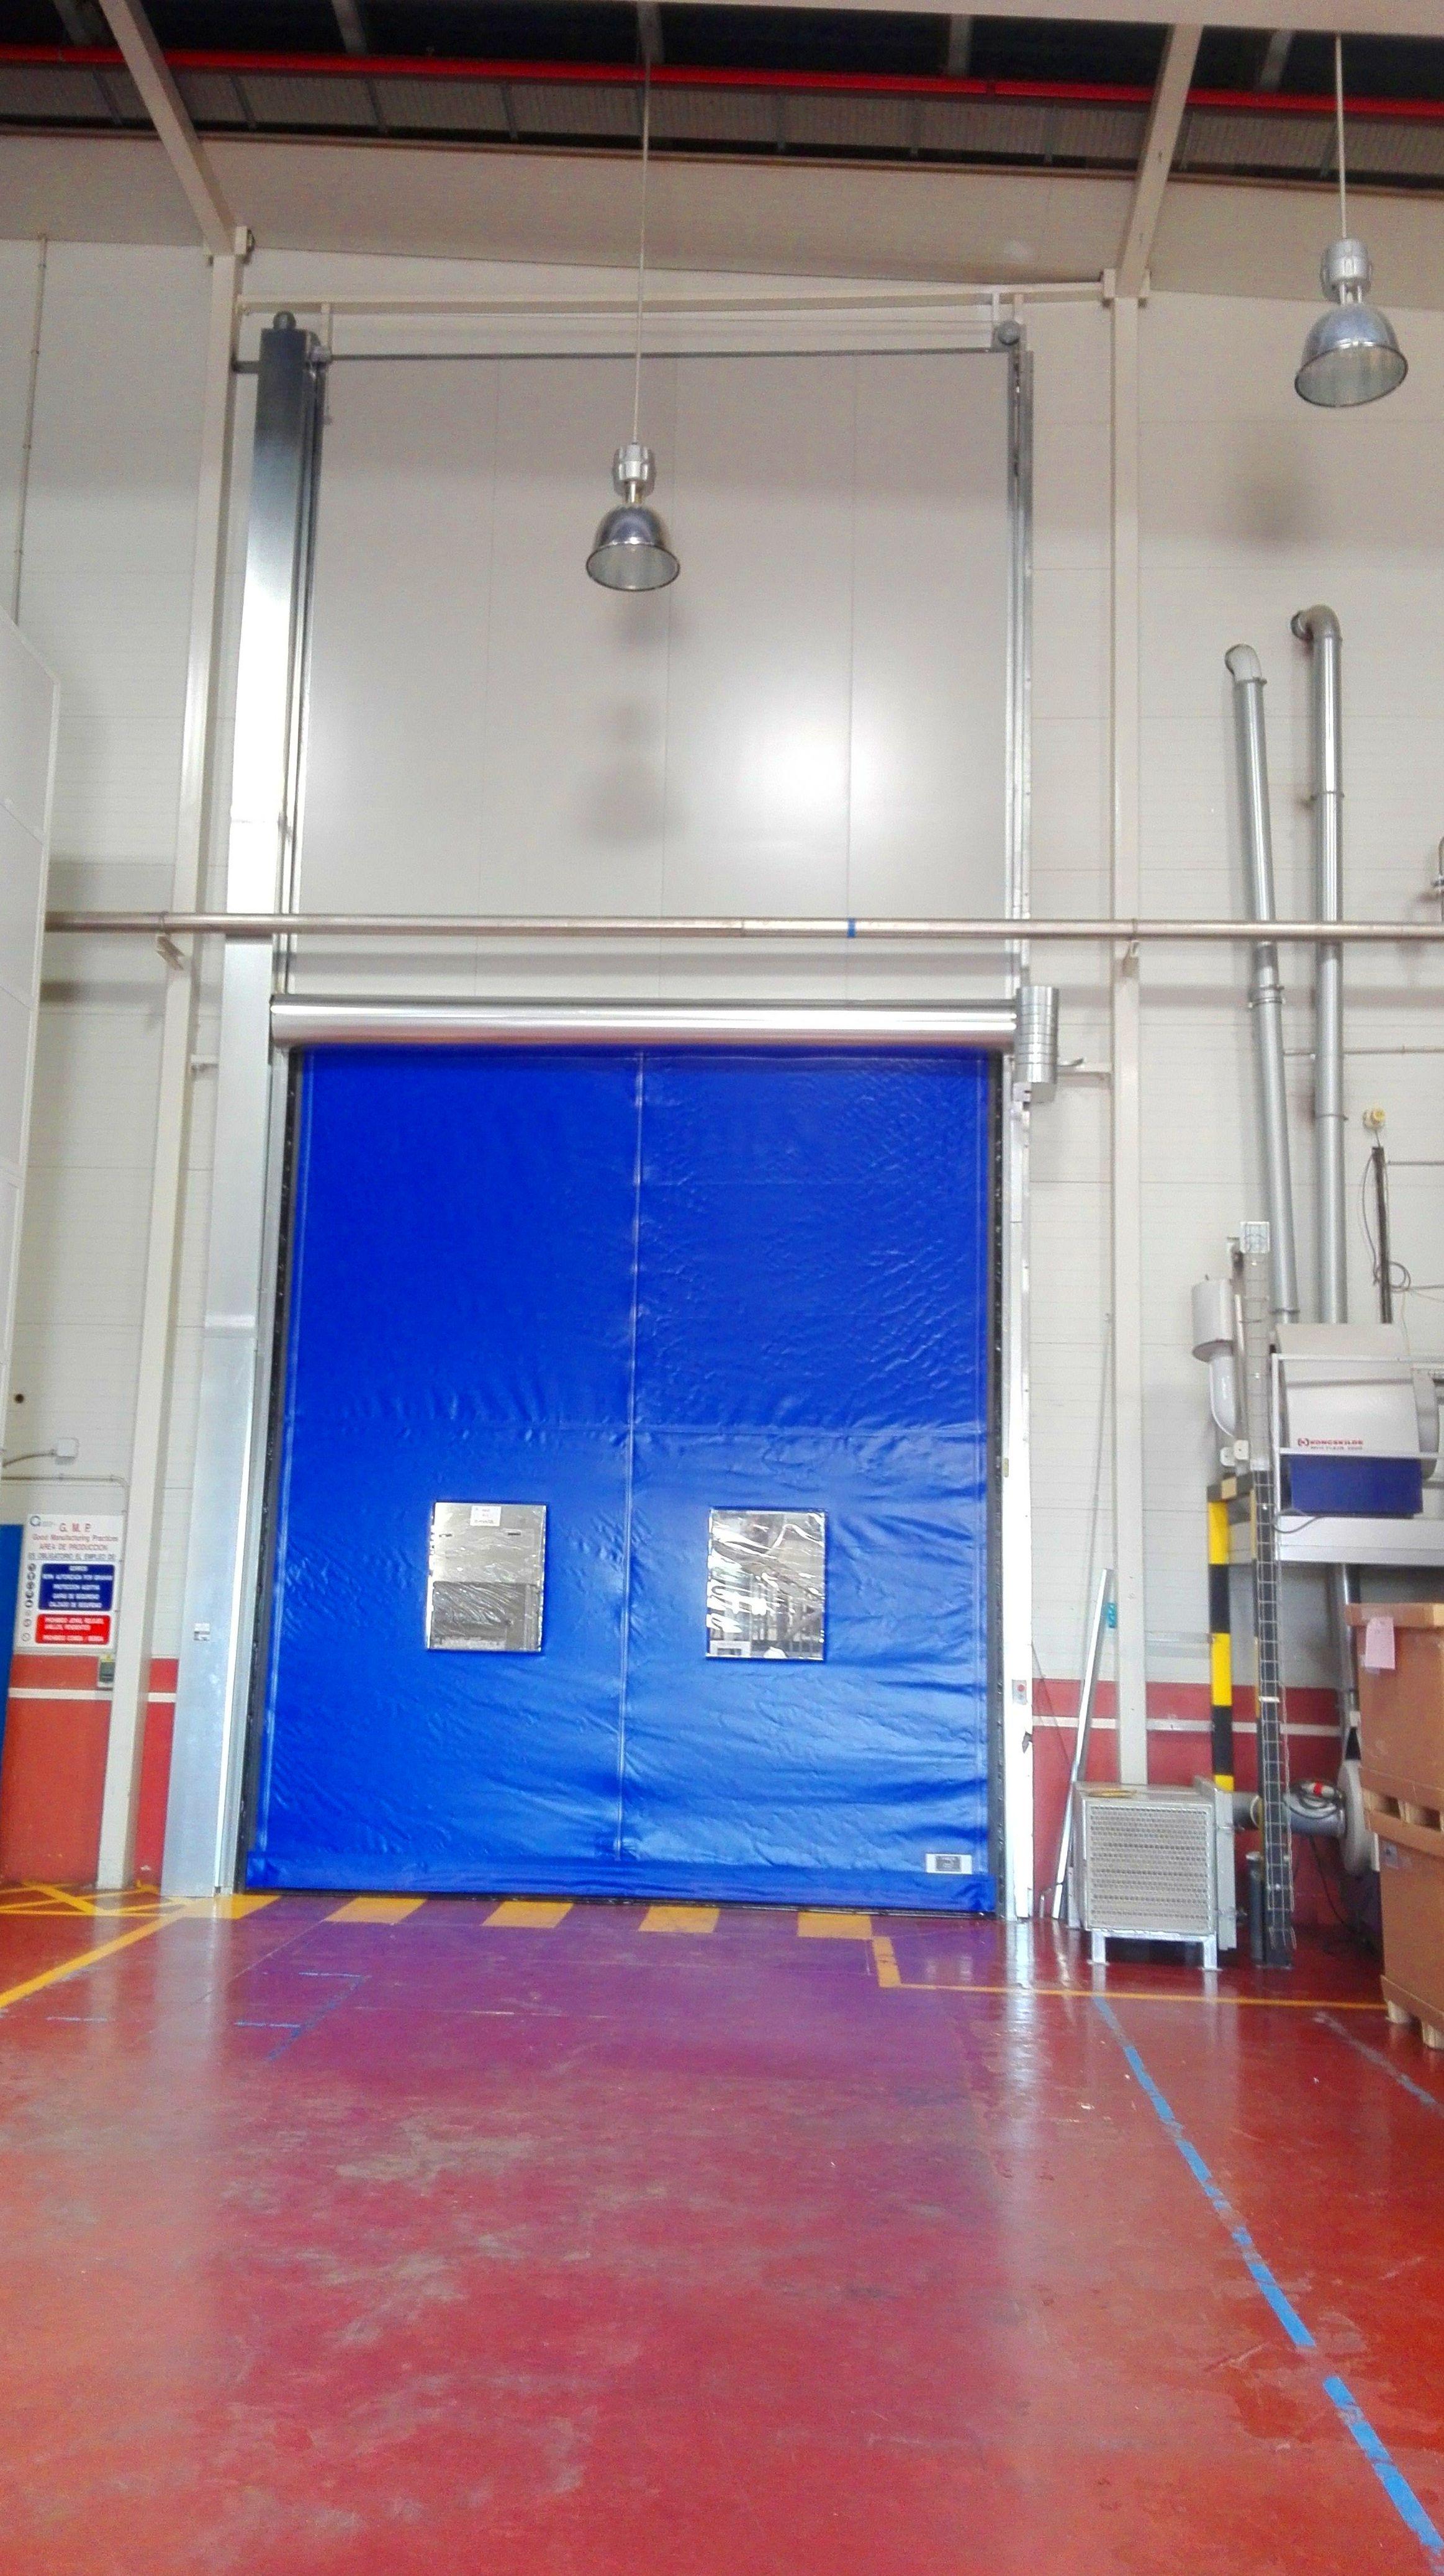 Puerta guillotina cortafuego y rápida de lona enrollable autorreparable